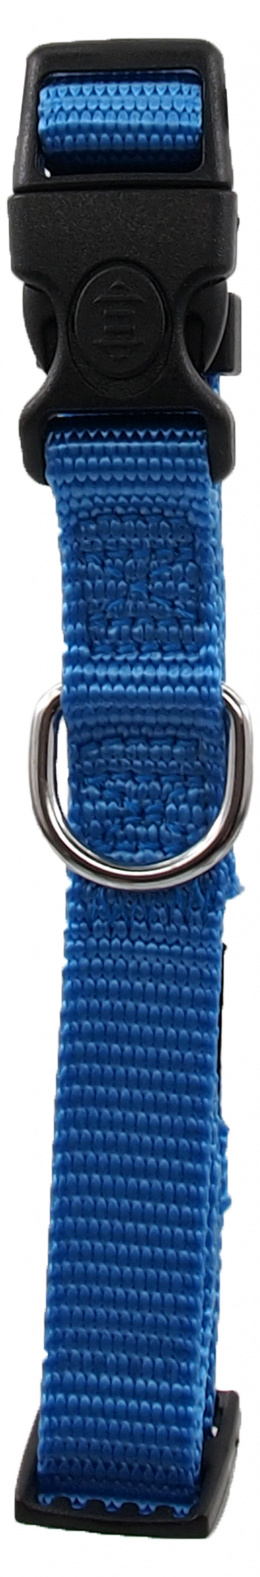 Ошейник - Dog Fantasy Classic Neilona S, 1.5 см, 27-37 см, цвет – синий